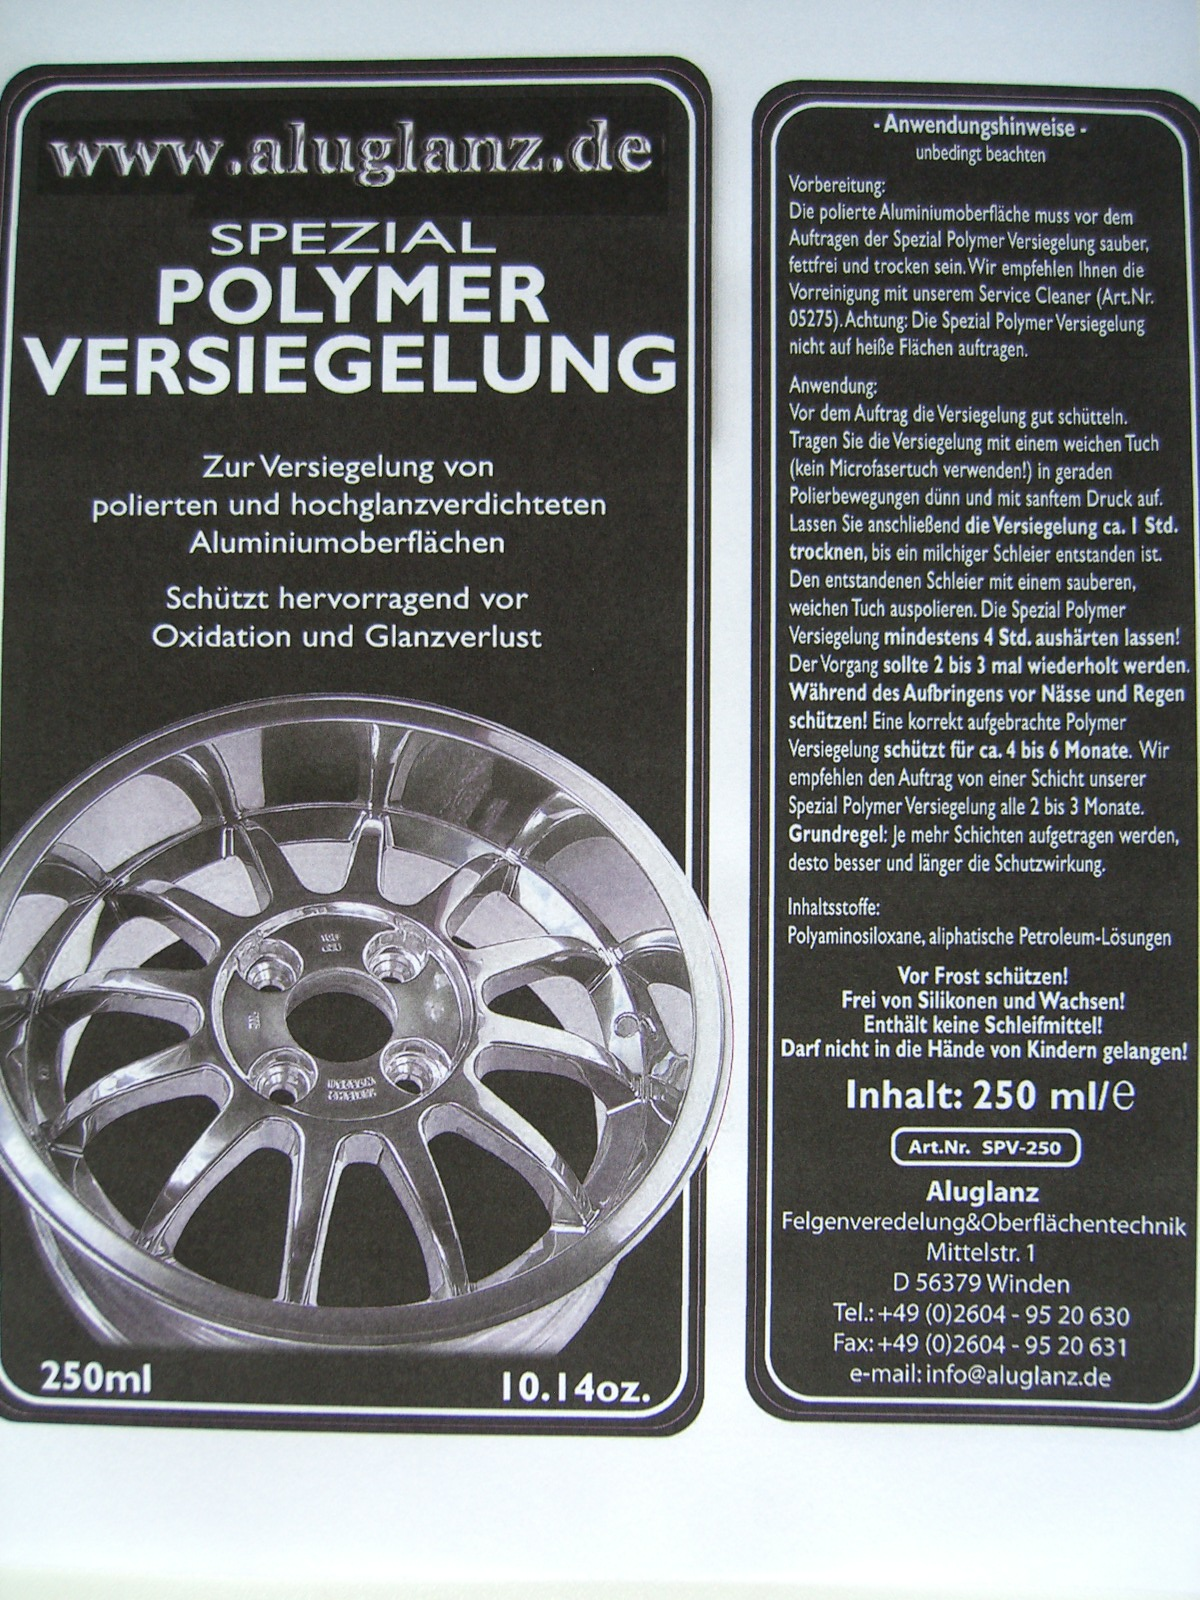 Spezial Polymer Versiegelung für Hochglanzverdichtete oder polierte Felgen